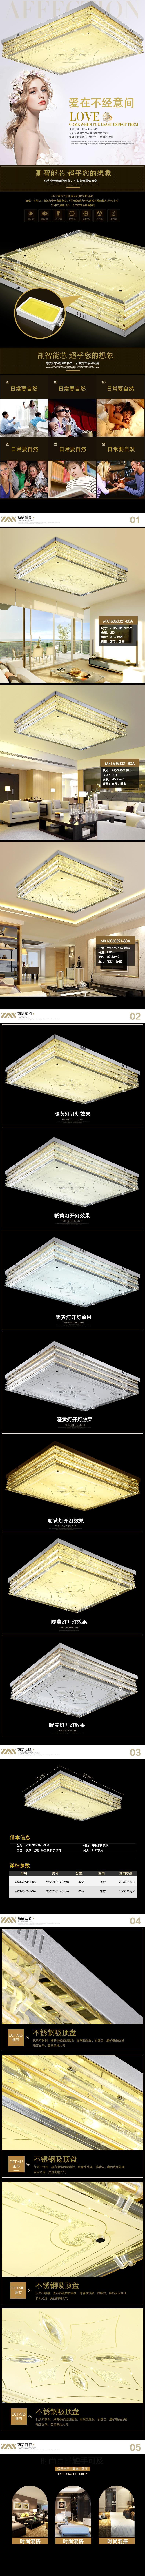 奢华优雅智能芯片LED灯具电商详情图